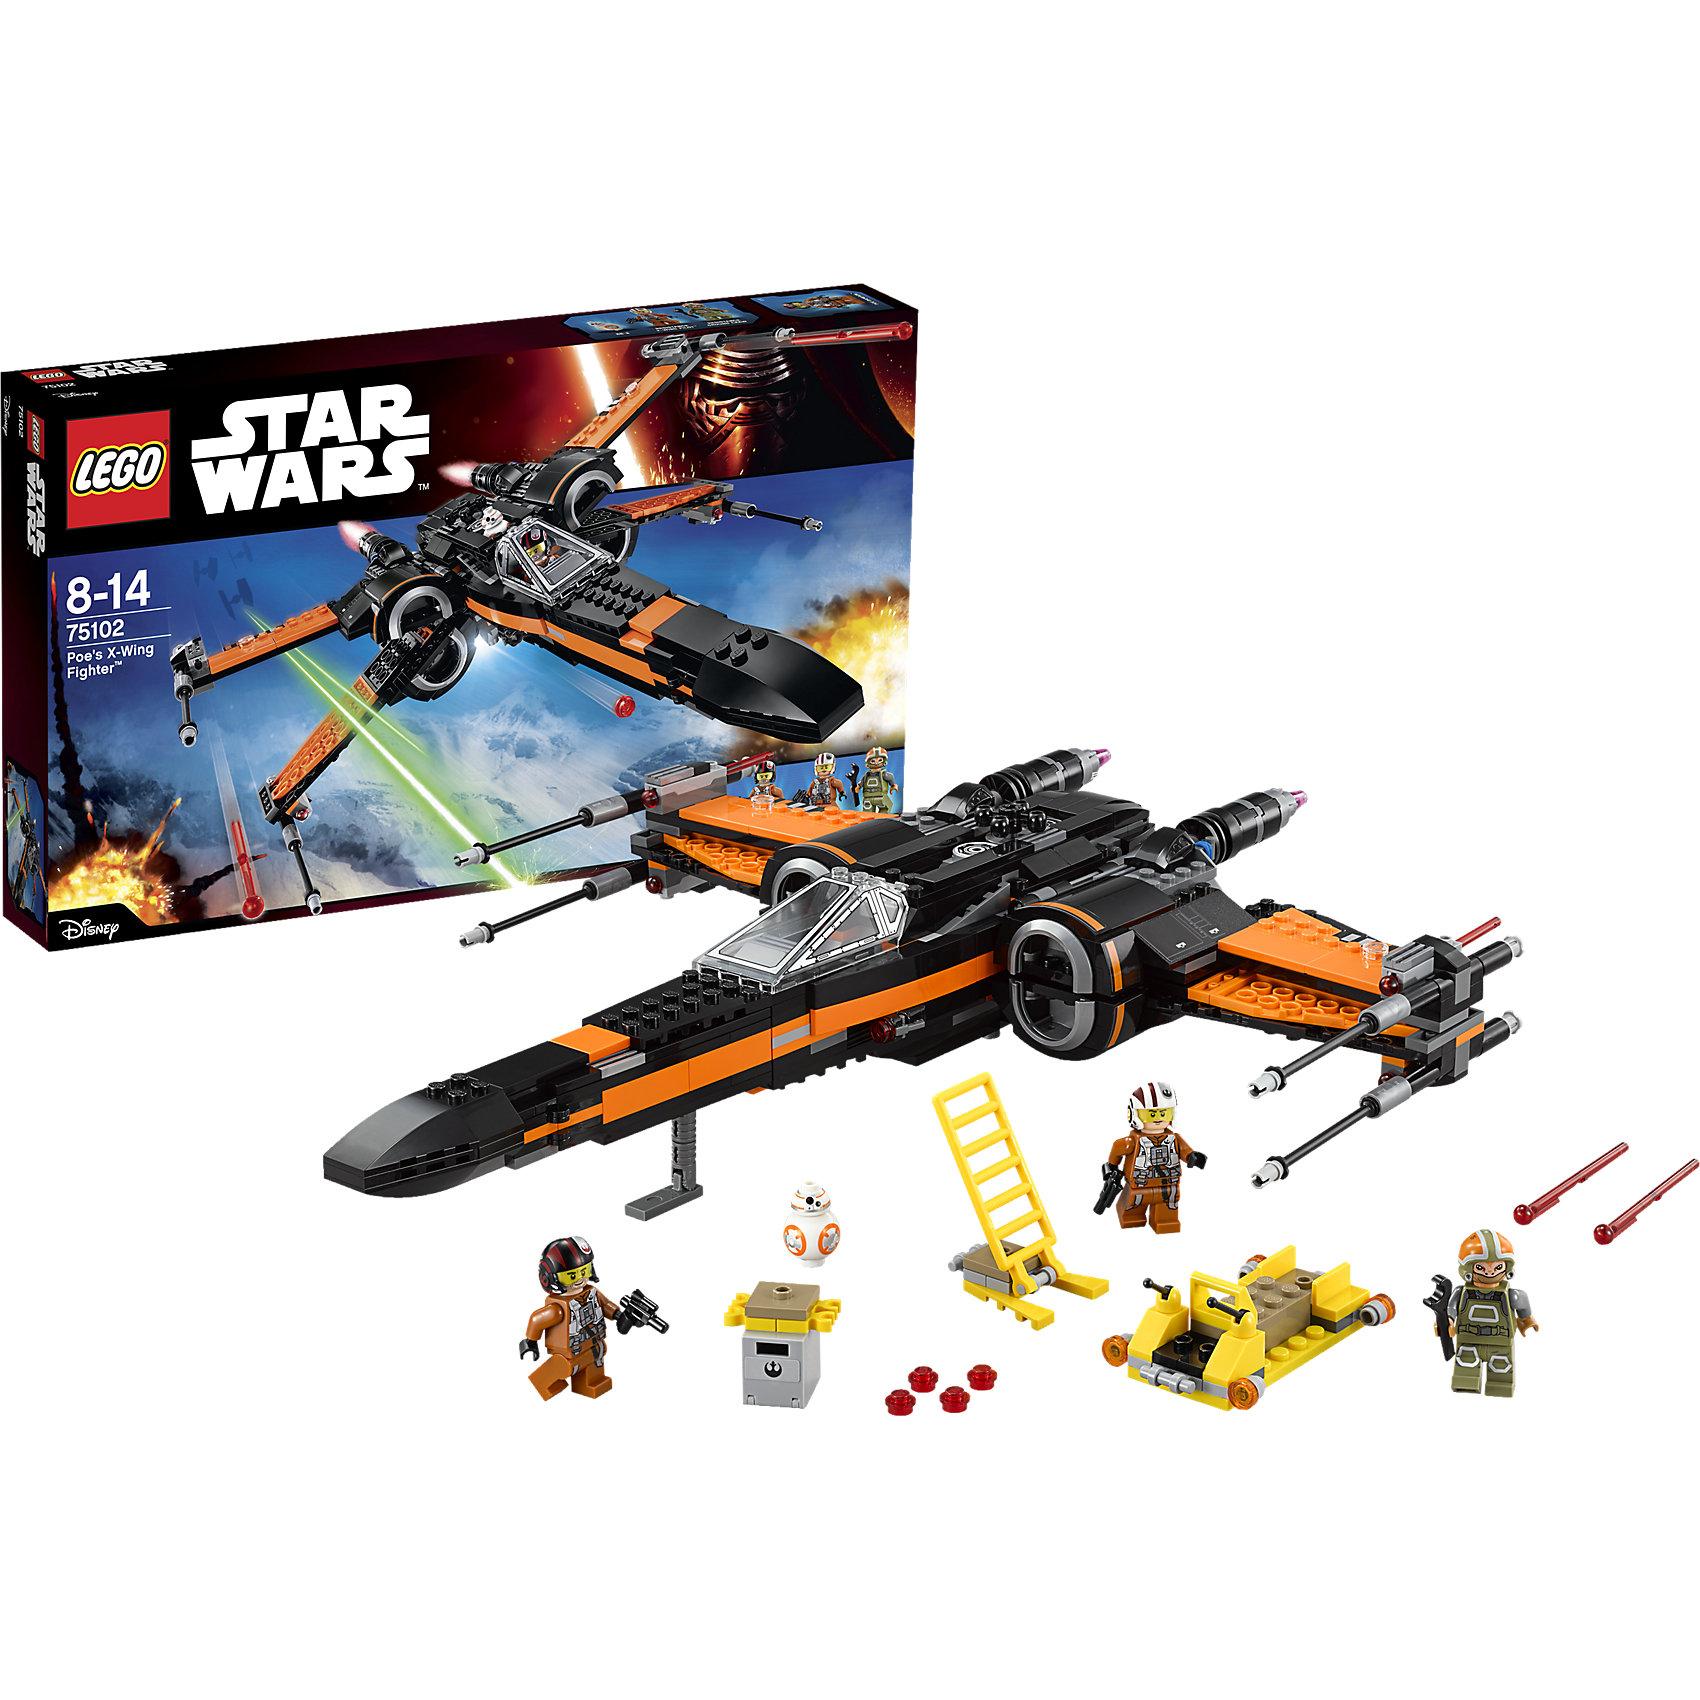 LEGO Star Wars 75102: Истребитель ПоLEGO Star Wars (ЛЕГО Звездные Войны) 75102: Истребитель По обладает огромной разрушительной силой и невероятной маневренностью, он оснащен: 6 различными пушками, выдвижным механизмом посадки, раскрывающимися крыльями, открывающейся кабиной, где можно разместить минифигурку и дроида-астромеханика BB-8. Кроме того, к межгалактическому звездолету прилагается устройство для зарядки пушек, оружейная стойка, дополнительные ракеты и боеприпасы, а также кресло пилота для минифигурки.<br><br>Комплектация: 717 деталей, 3 минифигурки: По Дэмерон, наземная команда Повстанцев, пилот истребителя Повстанцев, дроид-астромеханик BB-8<br><br>Дополнительная информация:<br>-Серия: Звездные войны<br>-Размер в упаковке: 4,8х61х28,2 см<br>-Вес в упаковке: 1,2 кг<br>-Количество деталей: 717 шт.<br>-Материалы: пластик<br><br>Сразись с силами Первого Порядка вместе с героем По Дэмероном, отражай атаки вражеских кораблей, участвуй в захватывающих приключениях Звездных войн!<br><br>LEGO Star Wars (ЛЕГО Звездные Войны) 75102: Истребитель По можно купить в нашем магазине.<br><br>Ширина мм: 482<br>Глубина мм: 278<br>Высота мм: 69<br>Вес г: 1058<br>Возраст от месяцев: 84<br>Возраст до месяцев: 144<br>Пол: Мужской<br>Возраст: Детский<br>SKU: 4047425